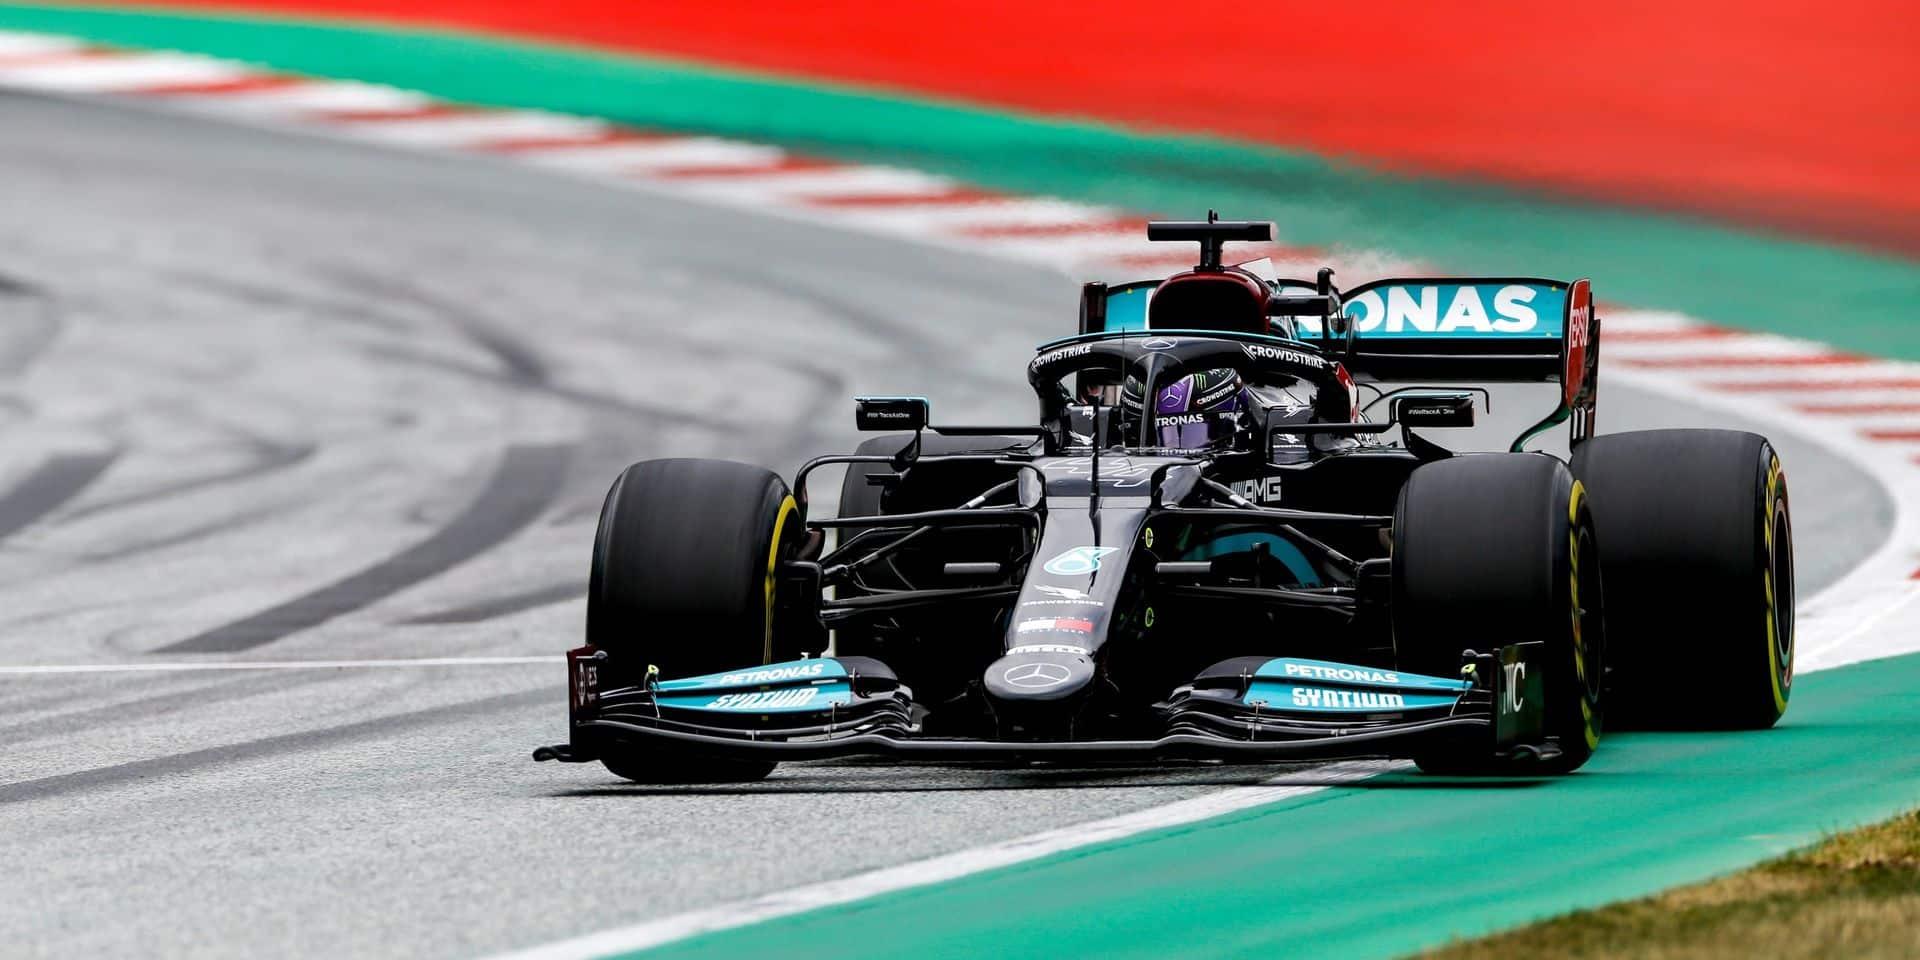 Hamilton prolonge son contrat avec Mercedes de deux saisons jusqu'en 2023